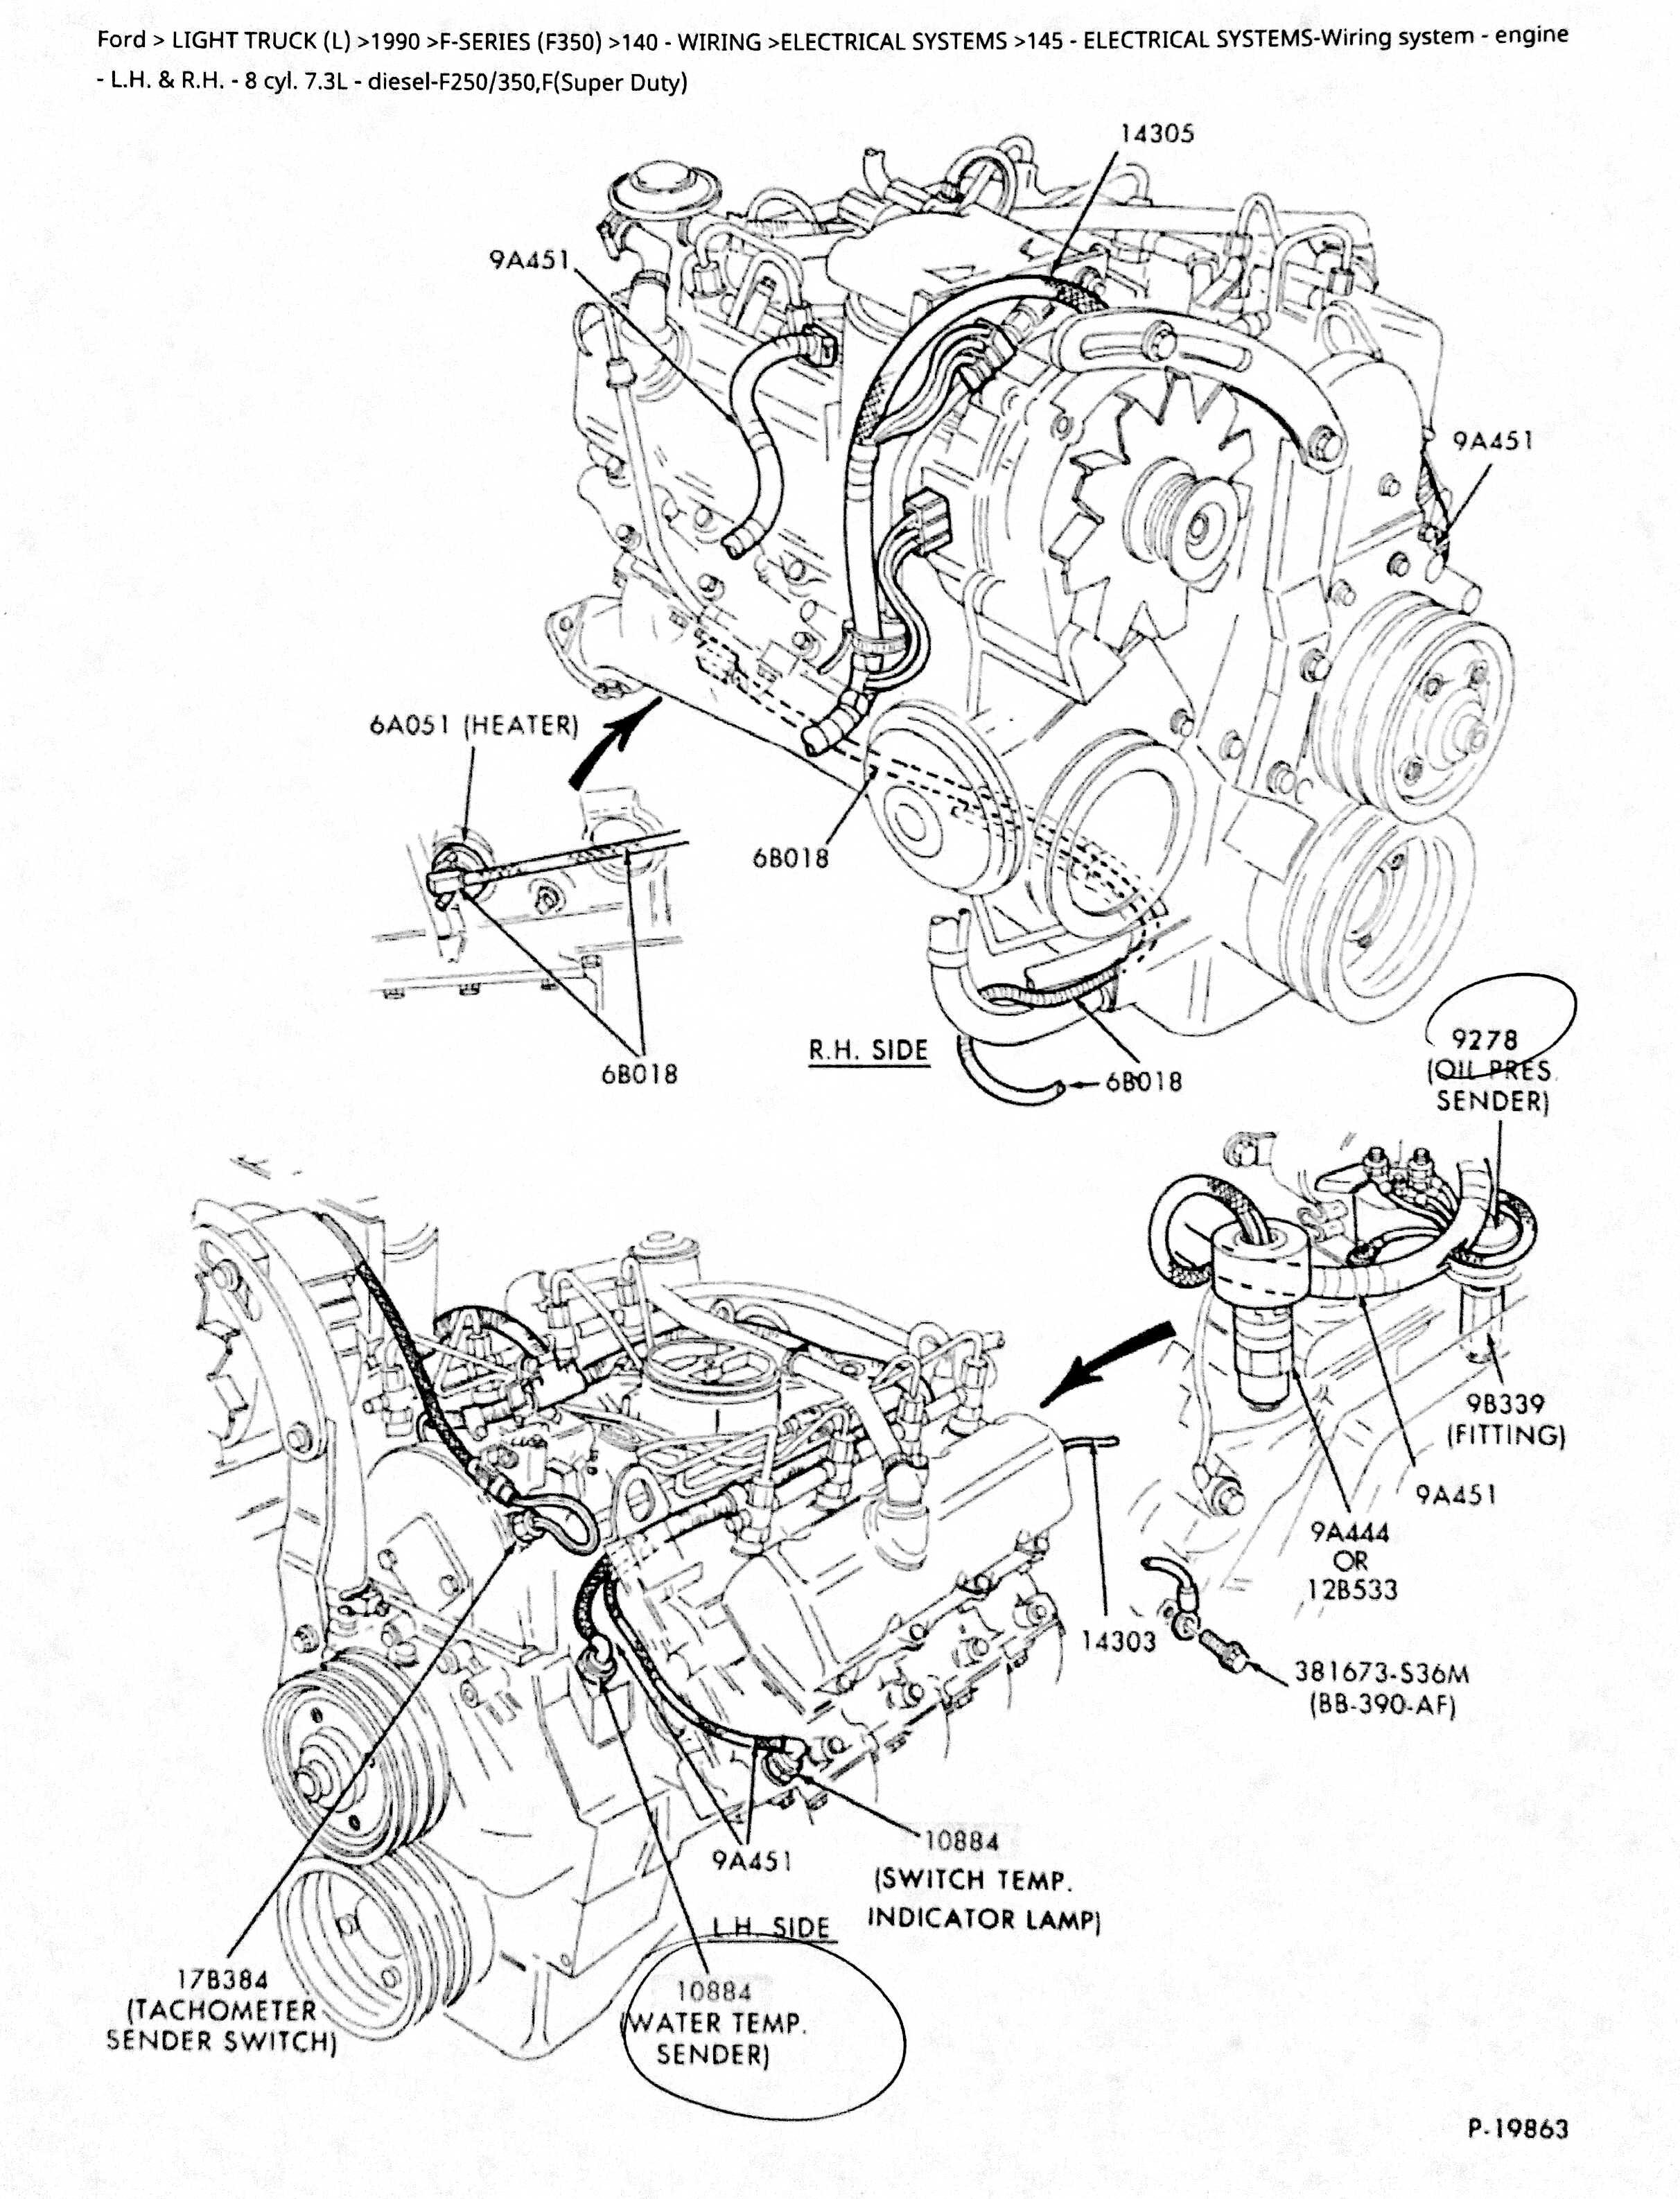 U0026 39 89 F350 Coolant Temperature Sensor - Page 3 - Diesel Forum